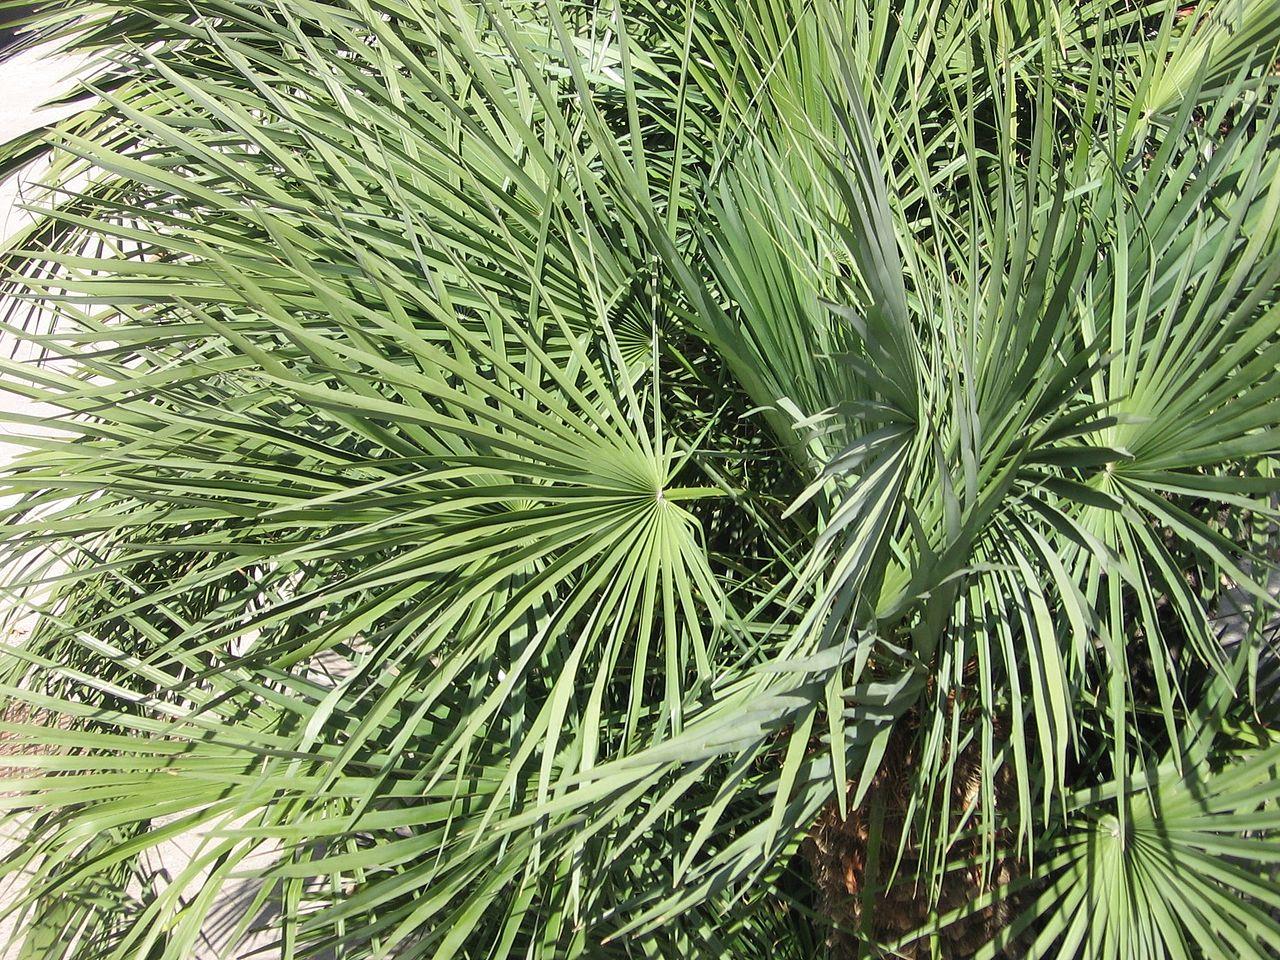 El palmito es una palmera multicaule resistente al viento